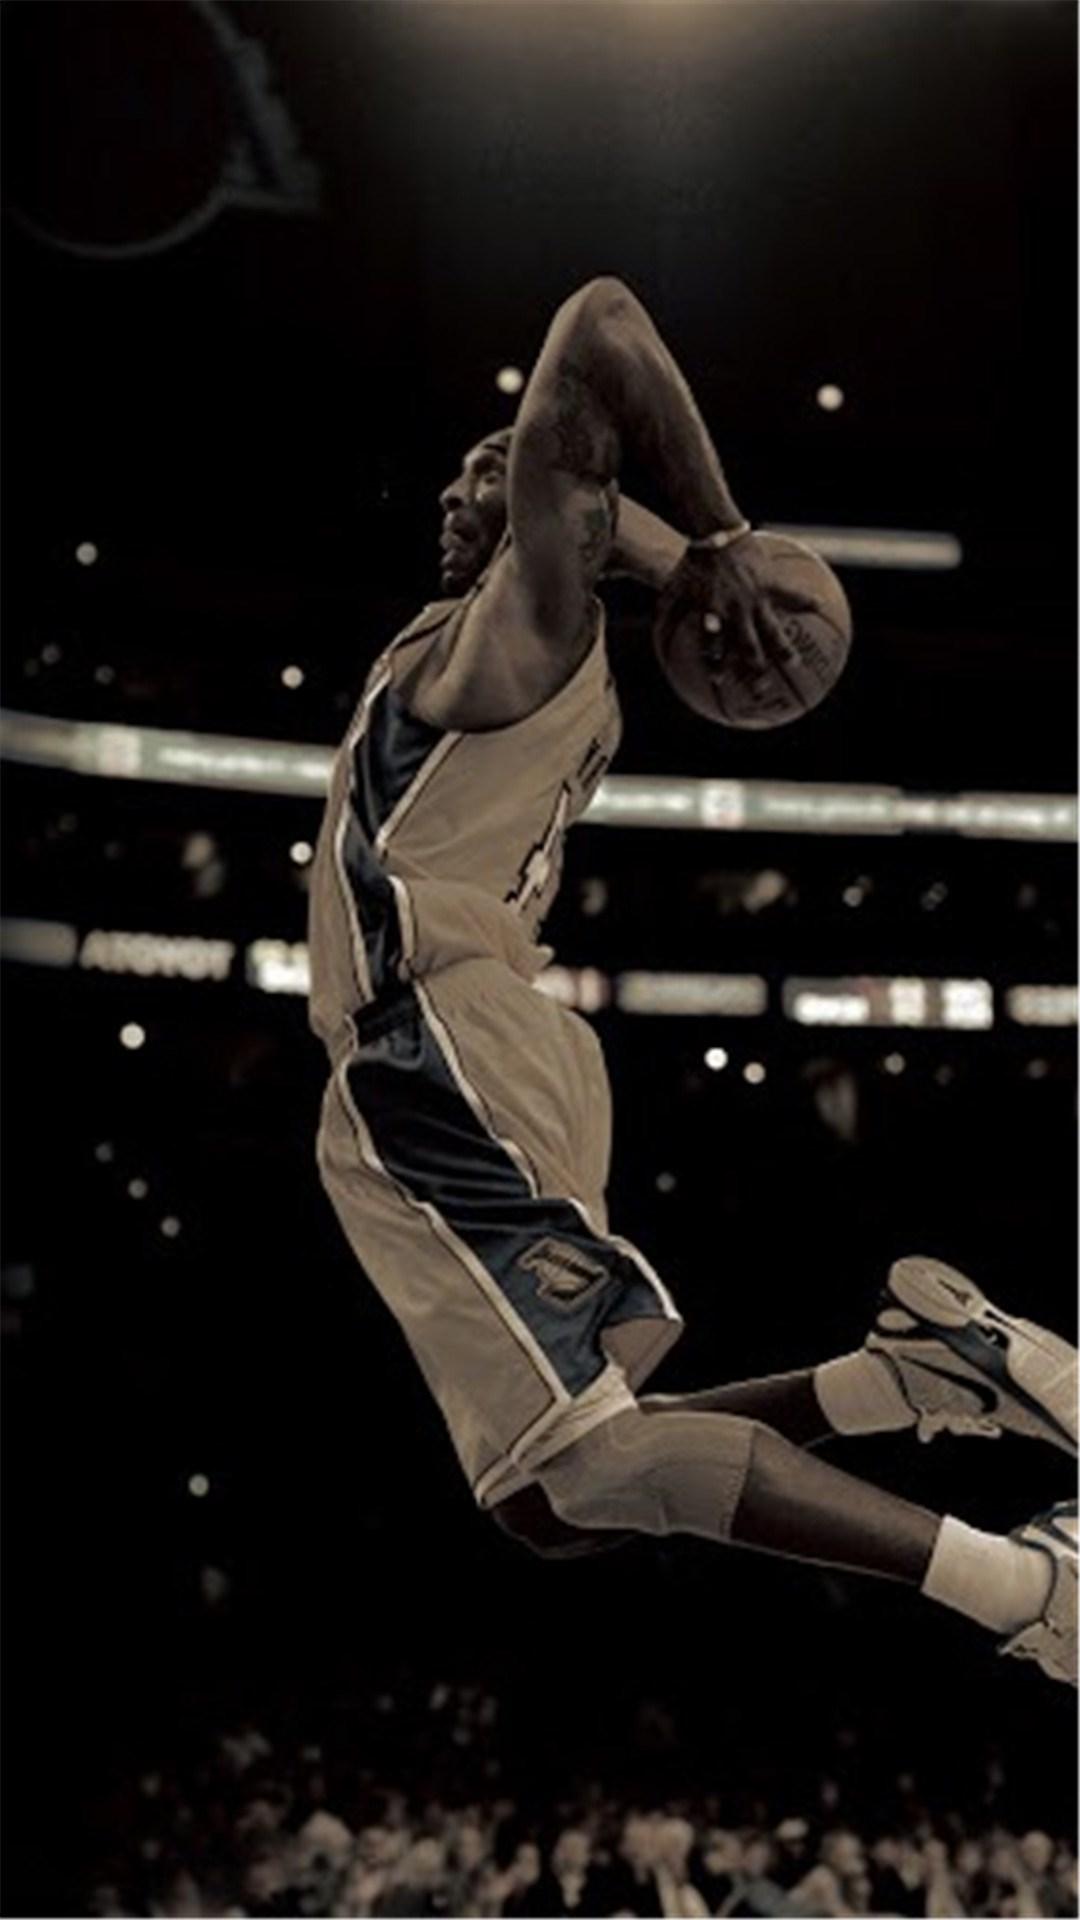 50] Kobe Bryant iPhone 6 Wallpaper on WallpaperSafari 1080x1920